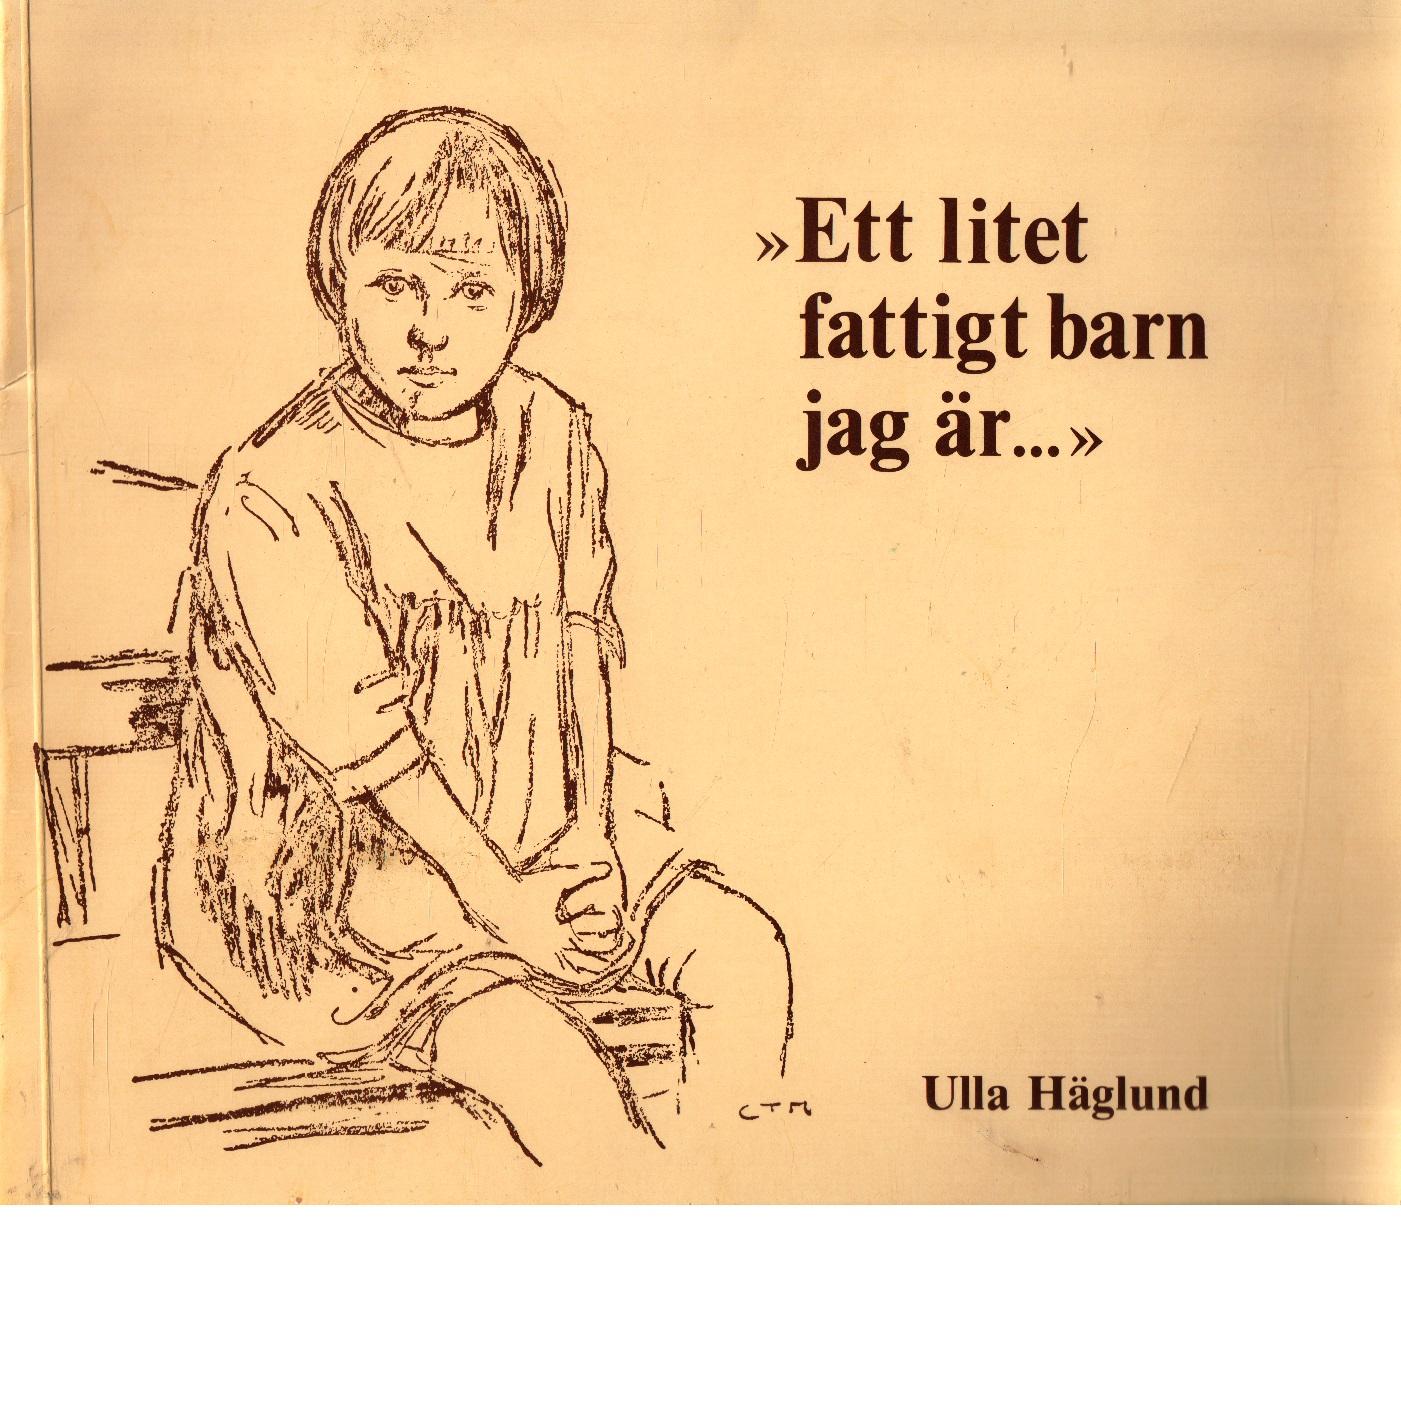 Ett litet fattigt barn jag är: Lokalhistorisk identitet  Etnologiska föreningen i Västsverige och Etnologiska institutionen vid Göteborgs universitet. - Hägglund, Ulla